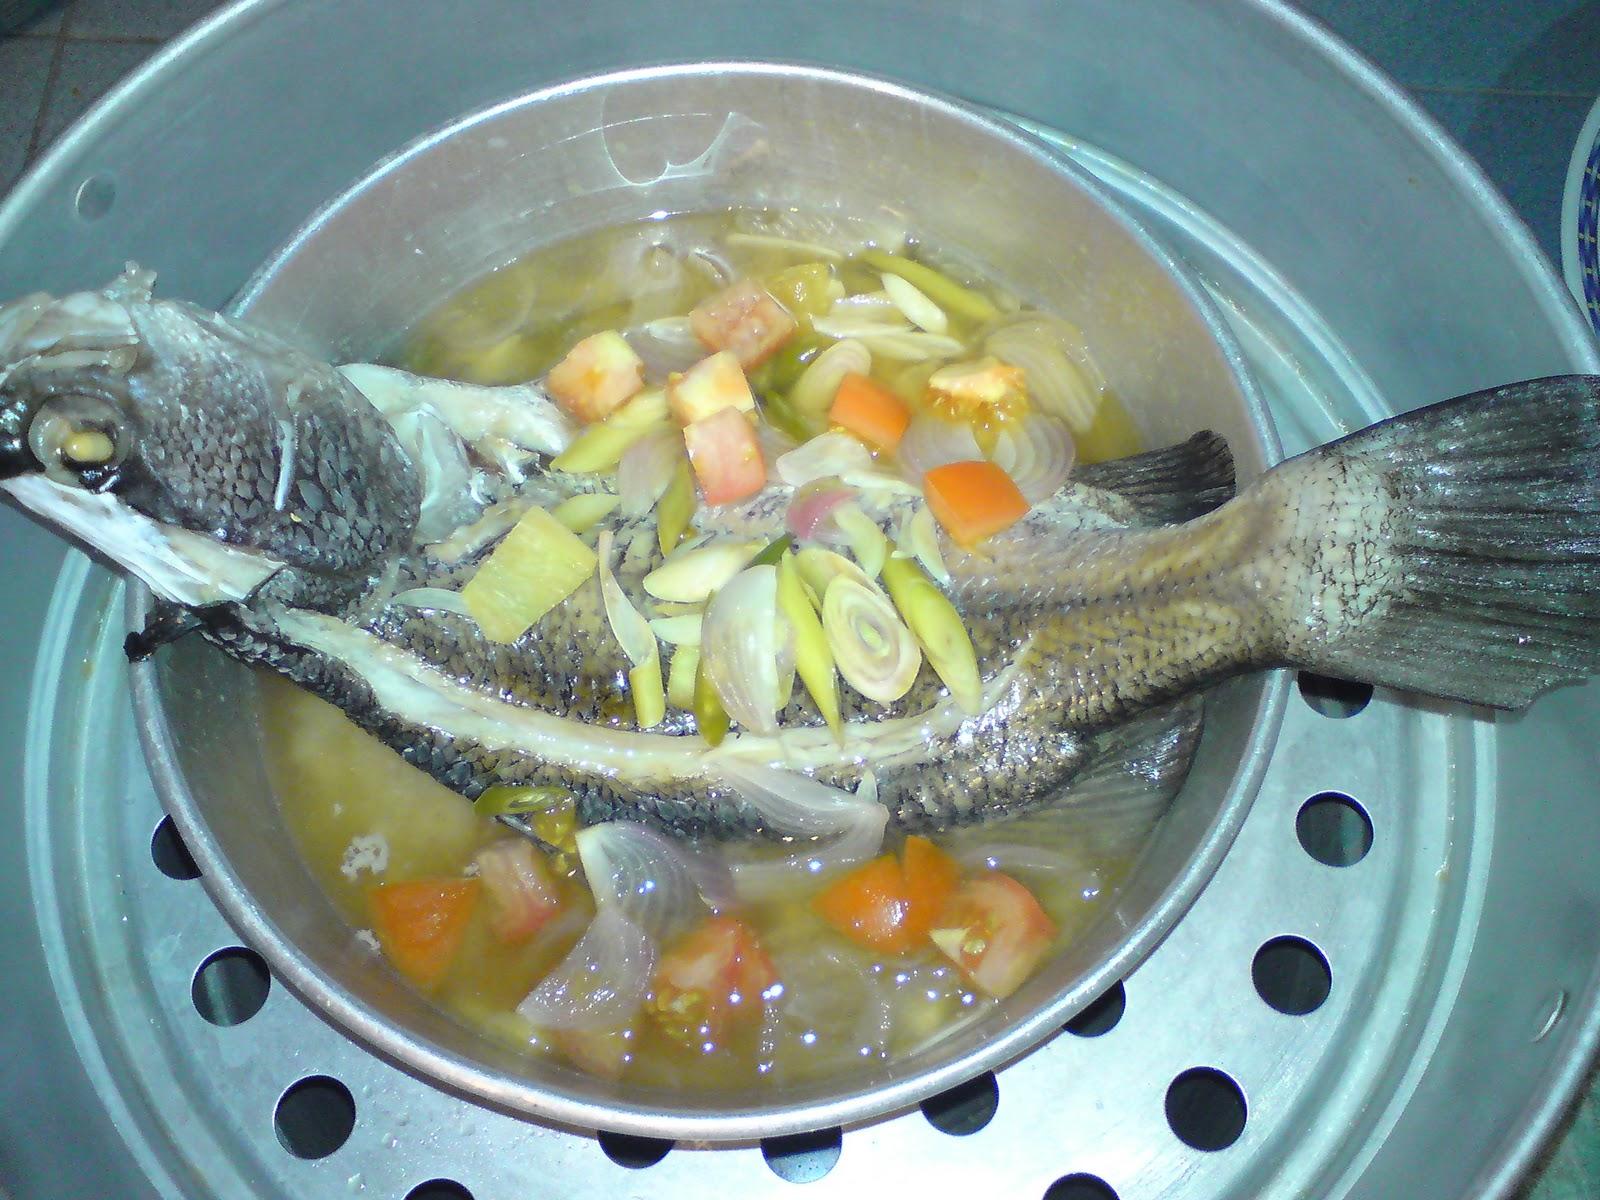 Kongsi  Resepi  Cucur  Ikan  Bilisl